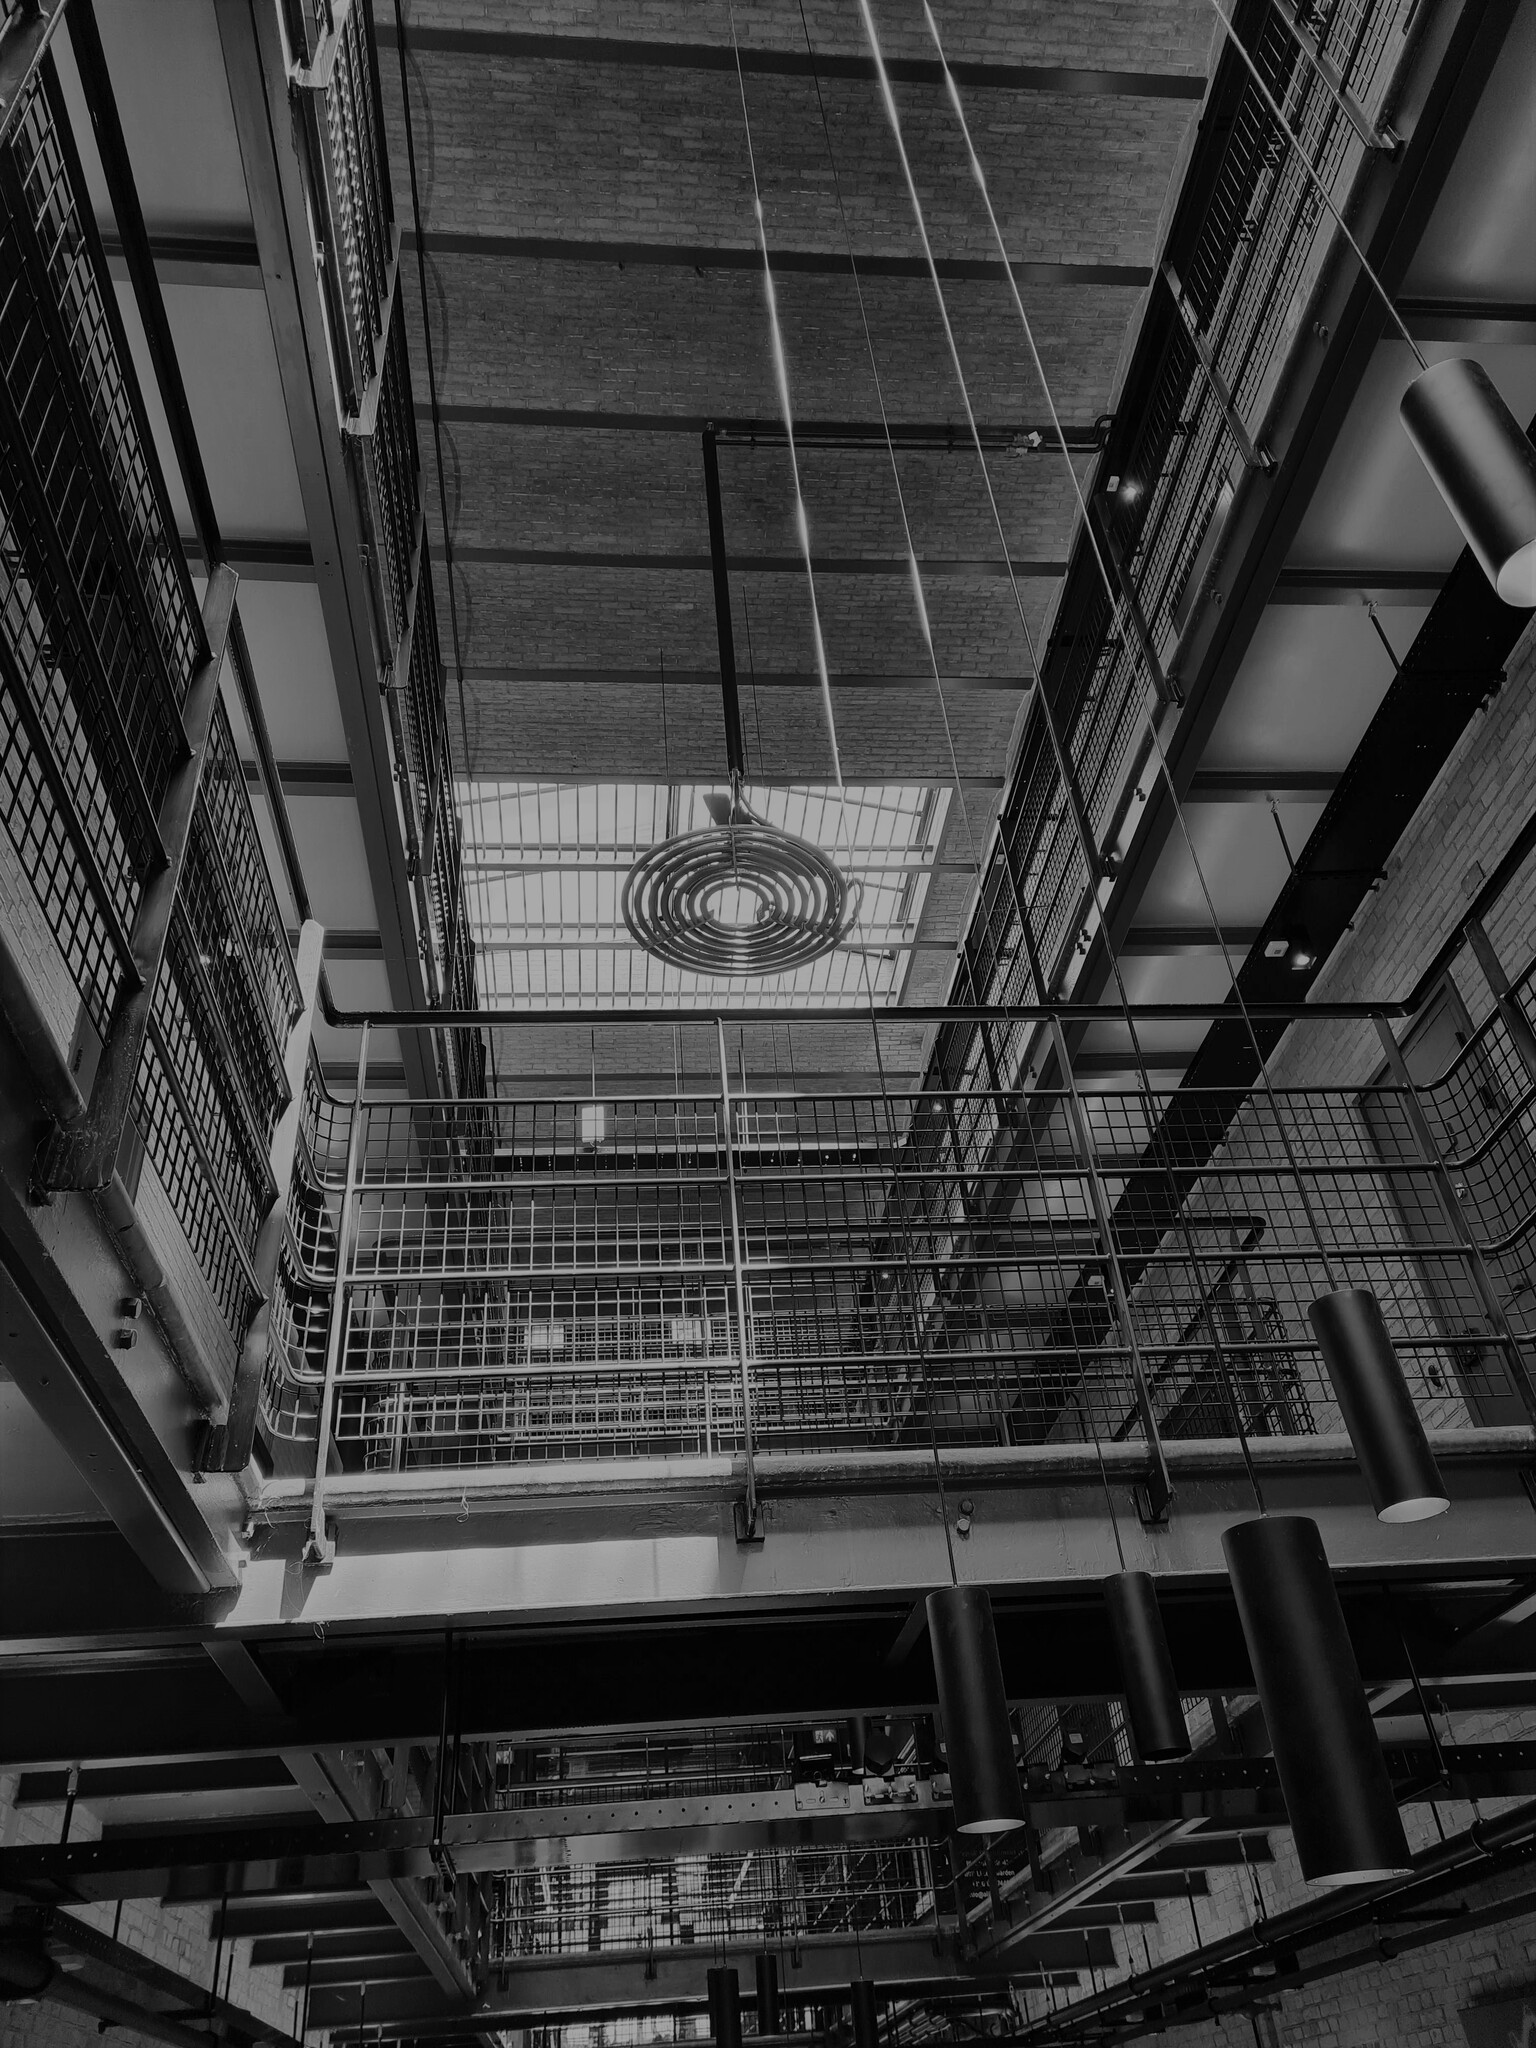 Blokhuispoort Leeuwarden - De oude gevangenis van Leeuwarden waar kunstenaars hun atelier hebben in de oude cellen - foto door Matthieu1234 op 10-04-2021 - locatie: Zuidergrachtswal 11-27, 8933 AE Leeuwarden, Nederland - deze foto bevat: prison, blokhuispoort, geschiedenis, architectuur, leeuwarden, artist, symmetrie, geometrie, verlichting, modernisme, strak, abstract, armatuur, verlichting, straal, architectuur, stijl, lijn, zwart en wit, dak, stad, symmetrie